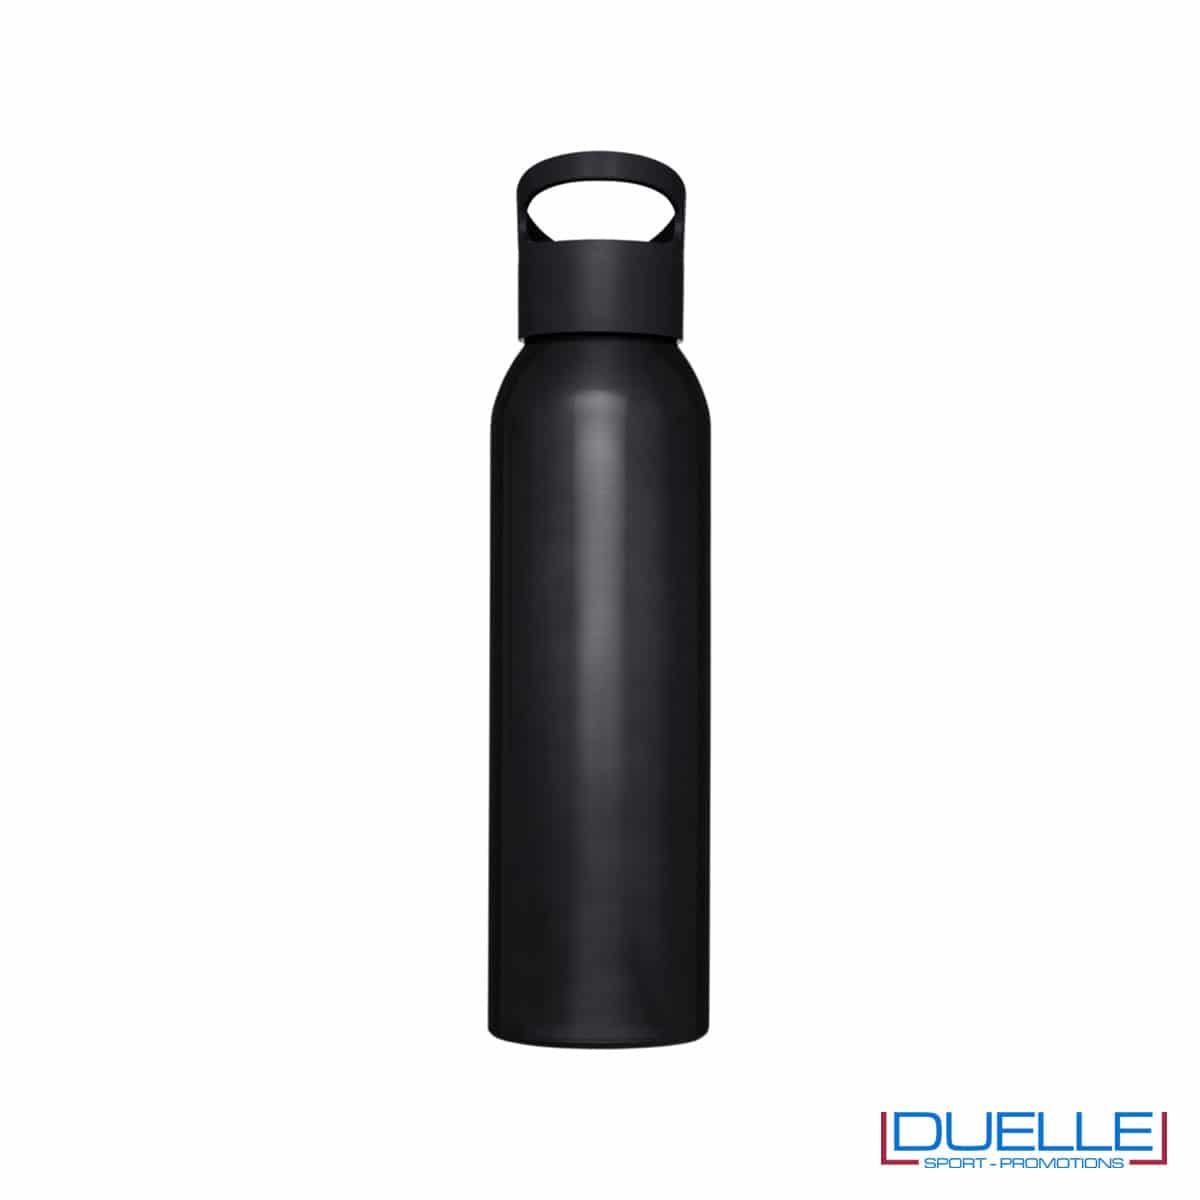 Borraccia alluminio colore nero con tappo in plastica